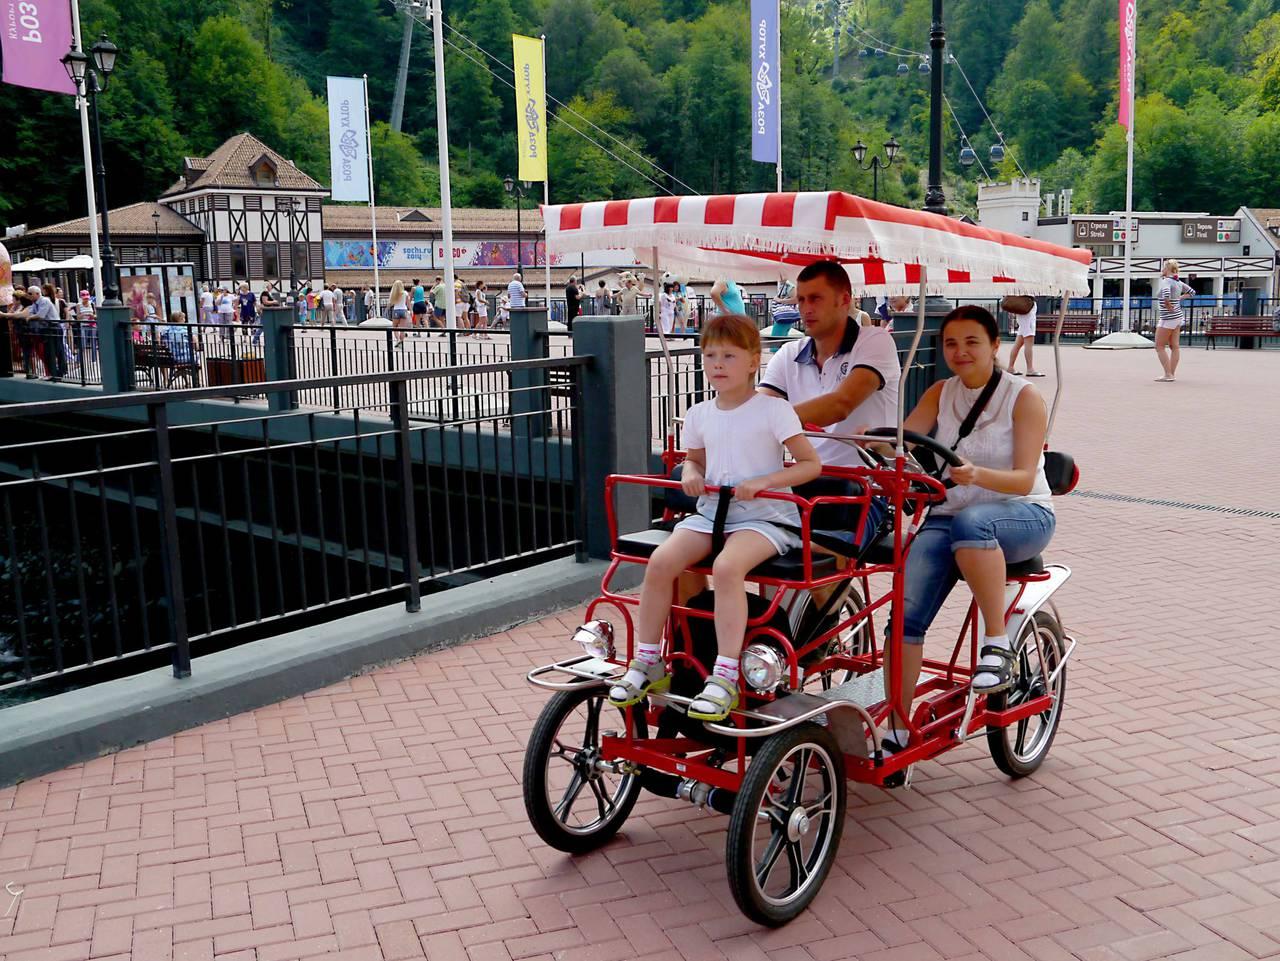 олимпийский парк сочи фото велорикши